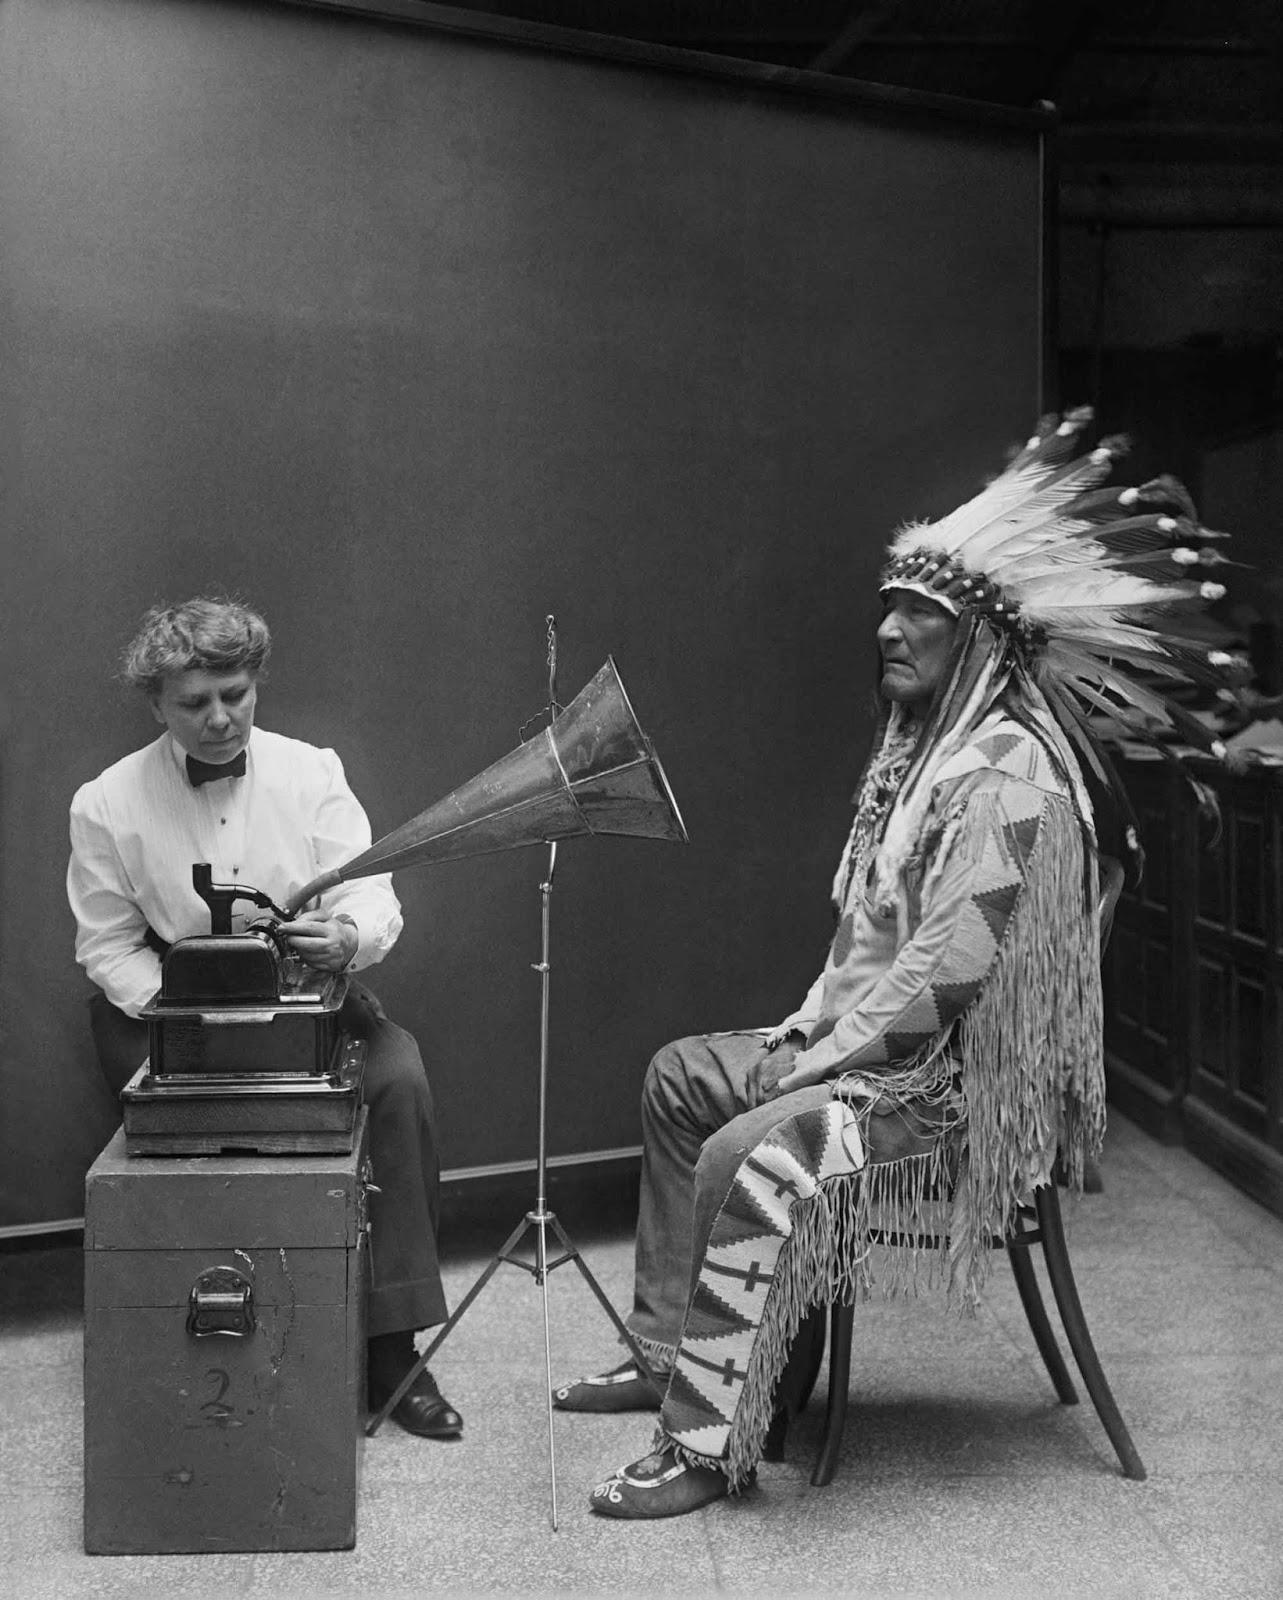 Jefe de montaña de Piegan Blackfeet haciendo registro fonográfico en Smithsonian. La entrevistadora es la etnóloga Frances Densmore. 1916.